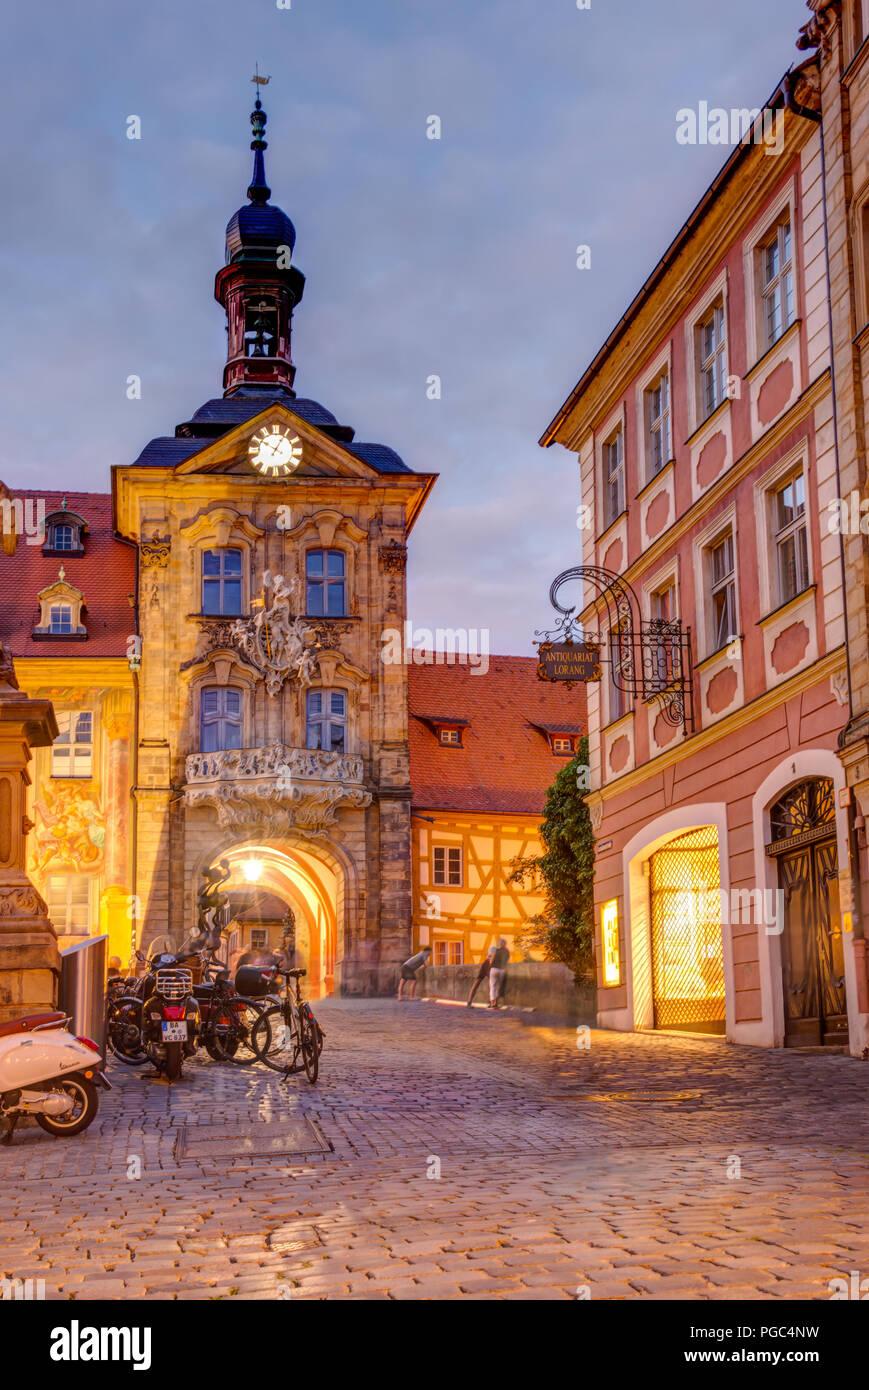 BAMBERG, Deutschland - Juni 19: Beleuchtete Altes Rathaus in Bamberg, die am 19. Juni 2018. Das historische Rathaus wurde im 14. Jahrhundert erbaut. Stockbild